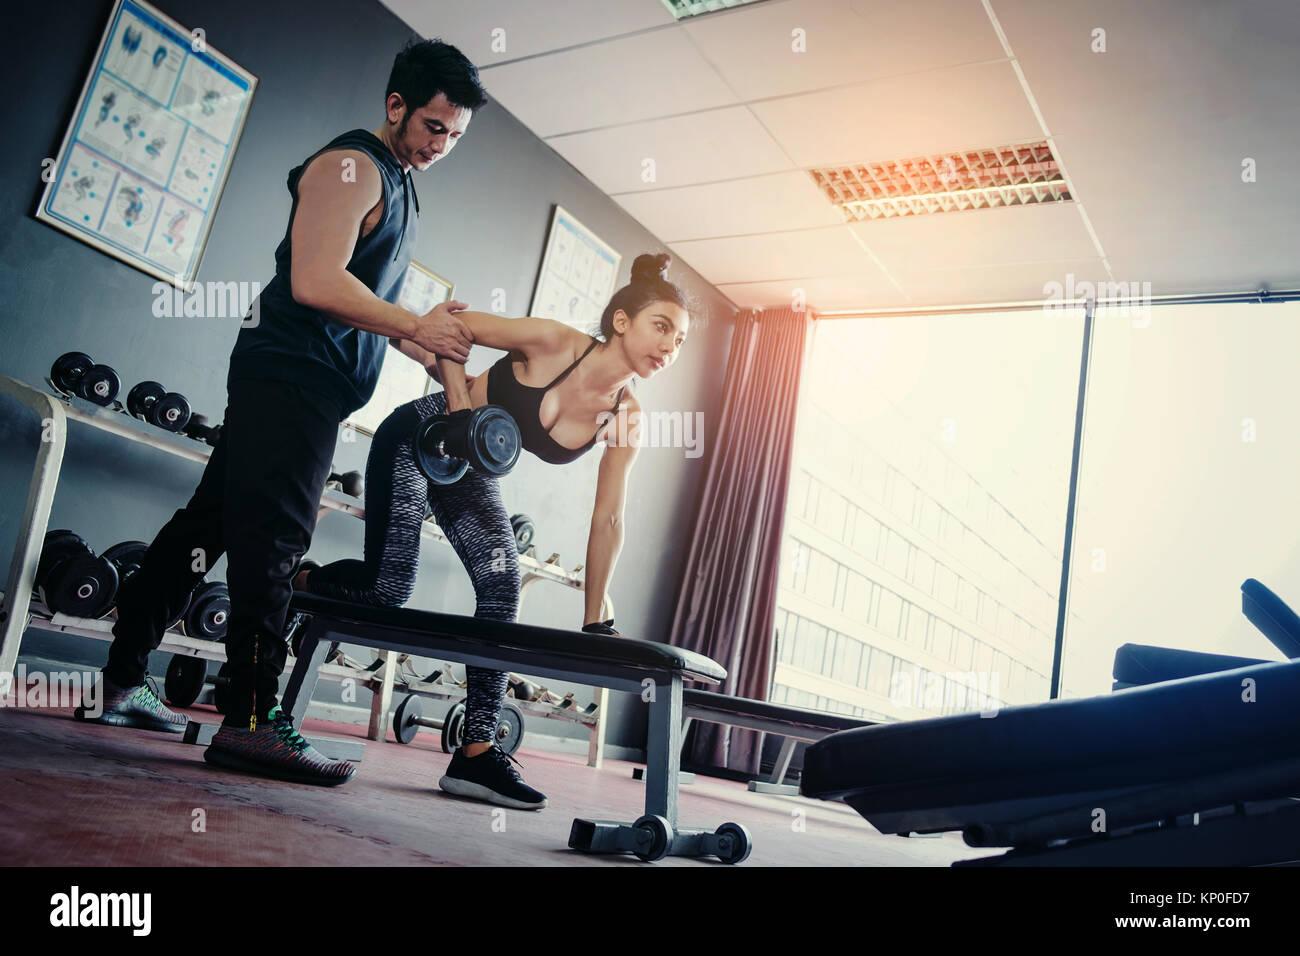 Girl doing Sport Exercices de poids lourd travail avec haltères son entraîneur personnel à Gym workout Photo Stock